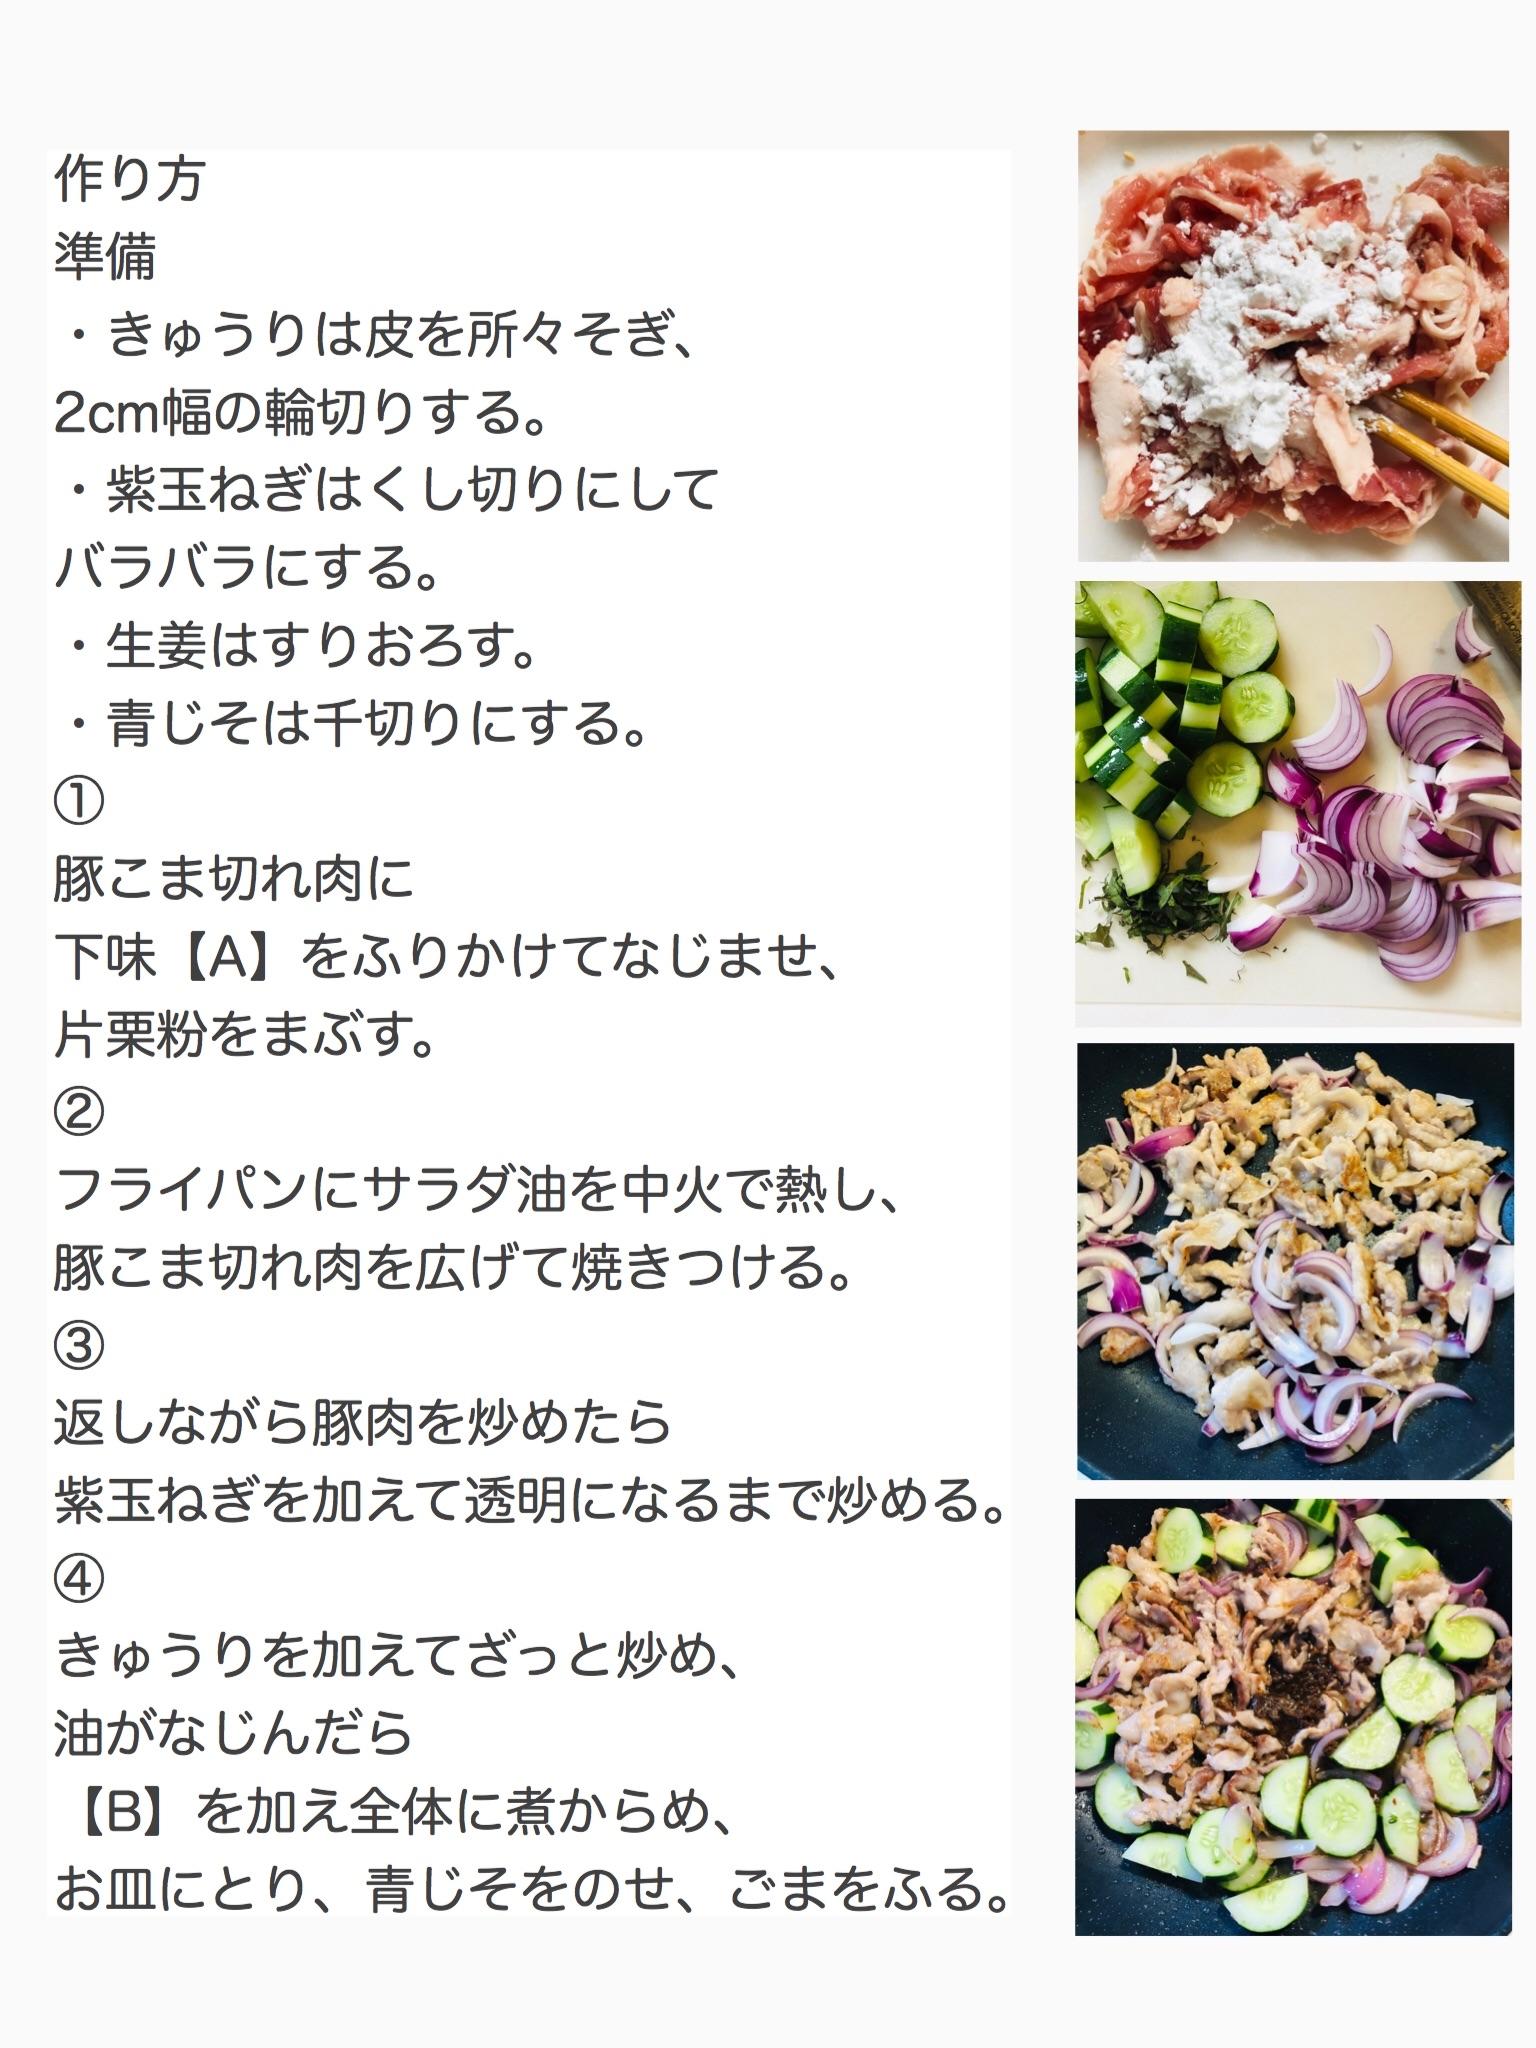 f:id:fujikana:20200801142329j:image